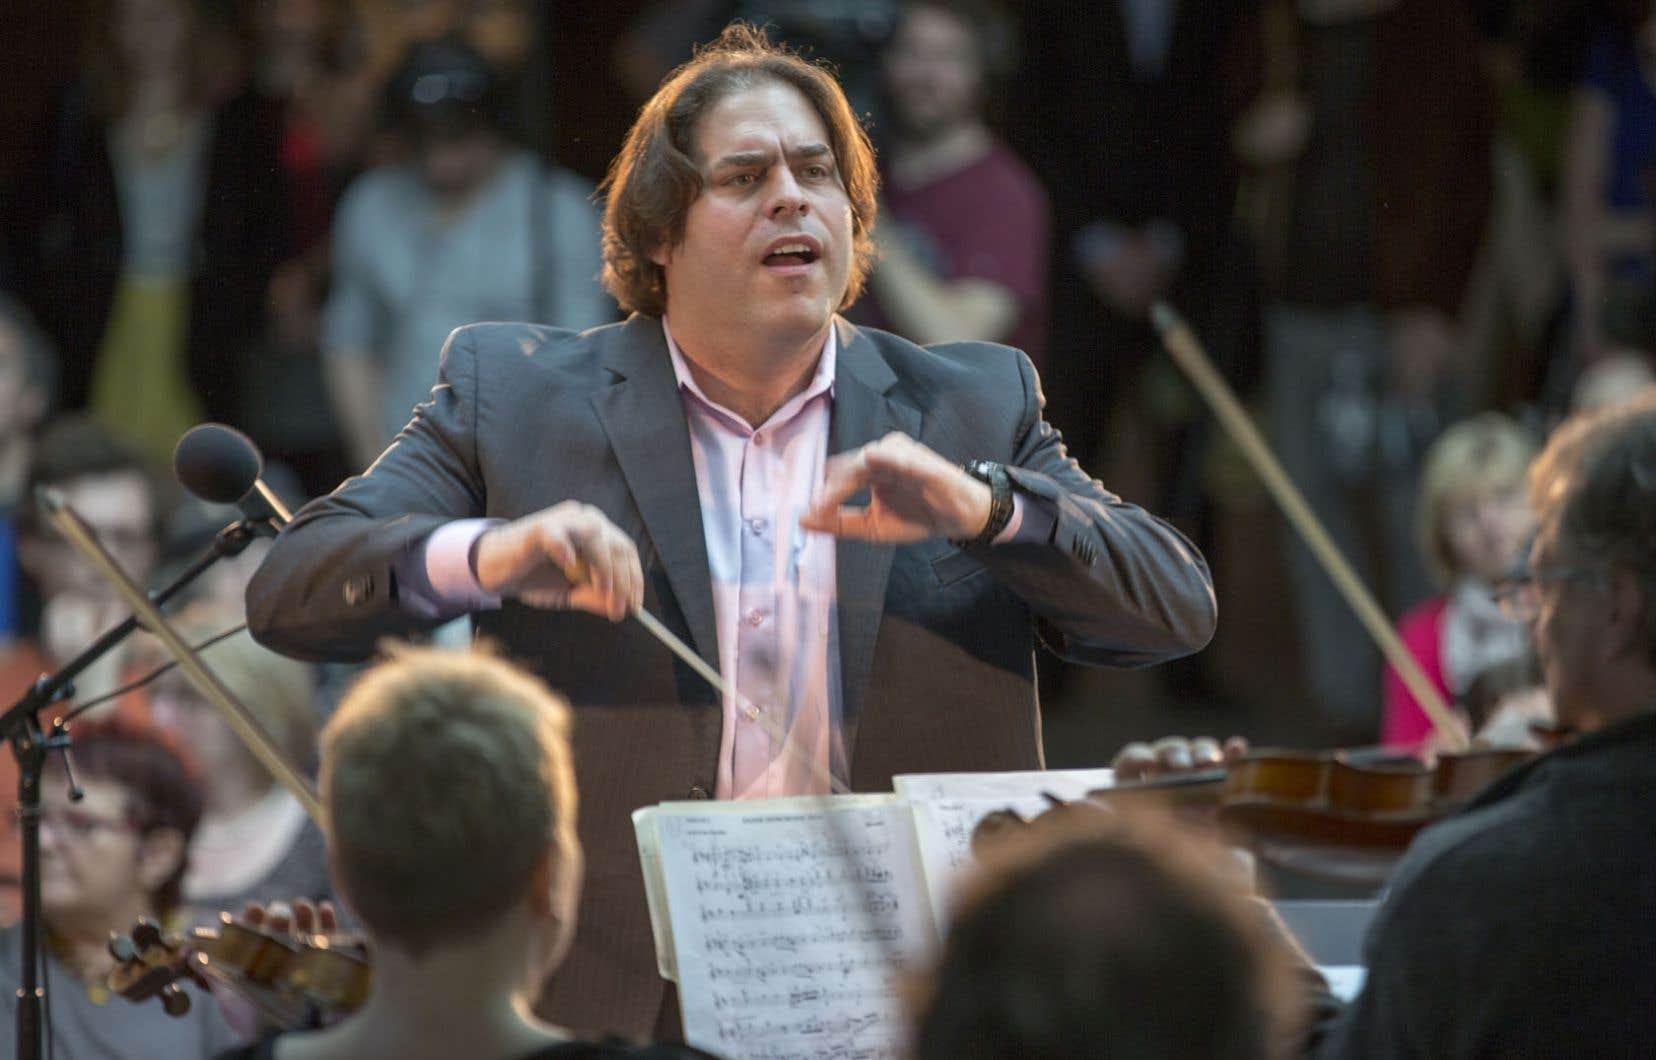 Le chef Jean-Marie Zeitouni est ravi que les musiciens d'I Musici soient ouverts à l'idée de réviser les traditions de l'orchestre.